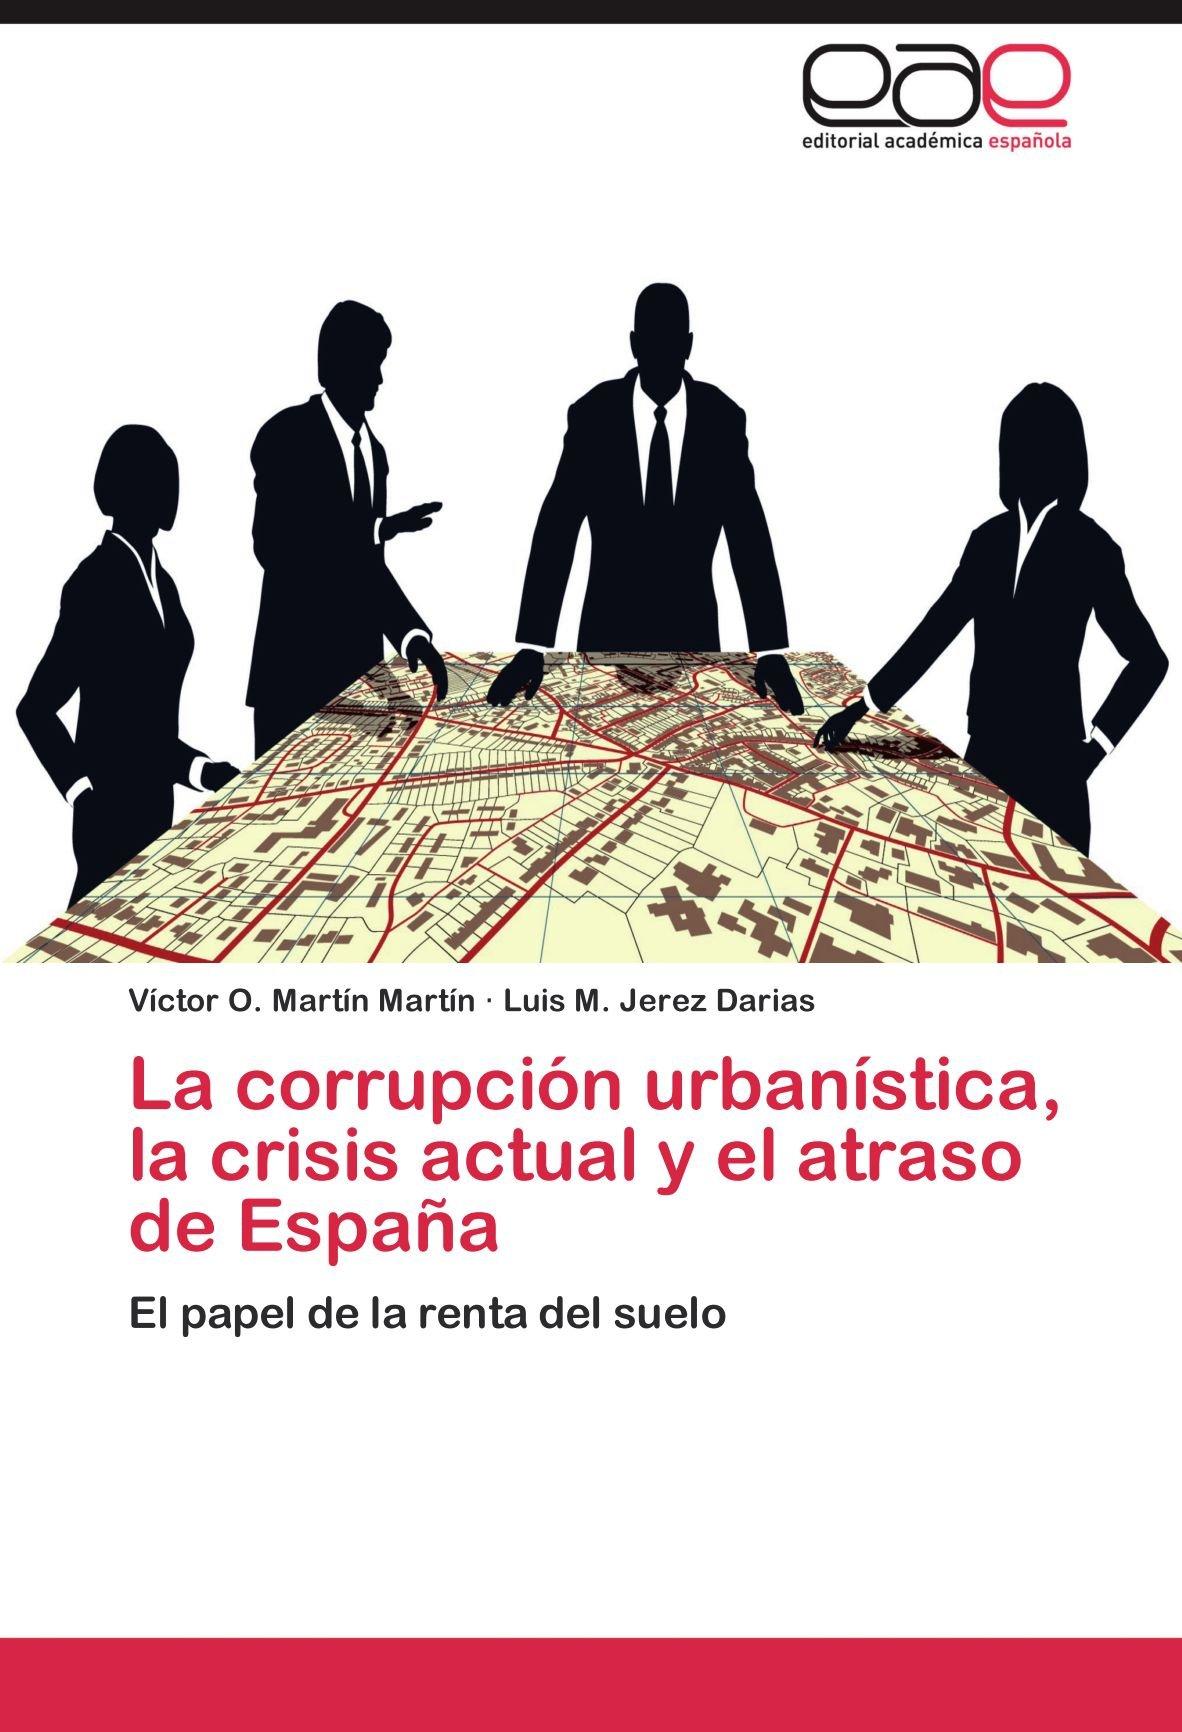 La corrupción urbanística, la crisis actual y el atraso de España: Amazon.es: Martín Martín Víctor O., Jerez Darias Luis M.: Libros